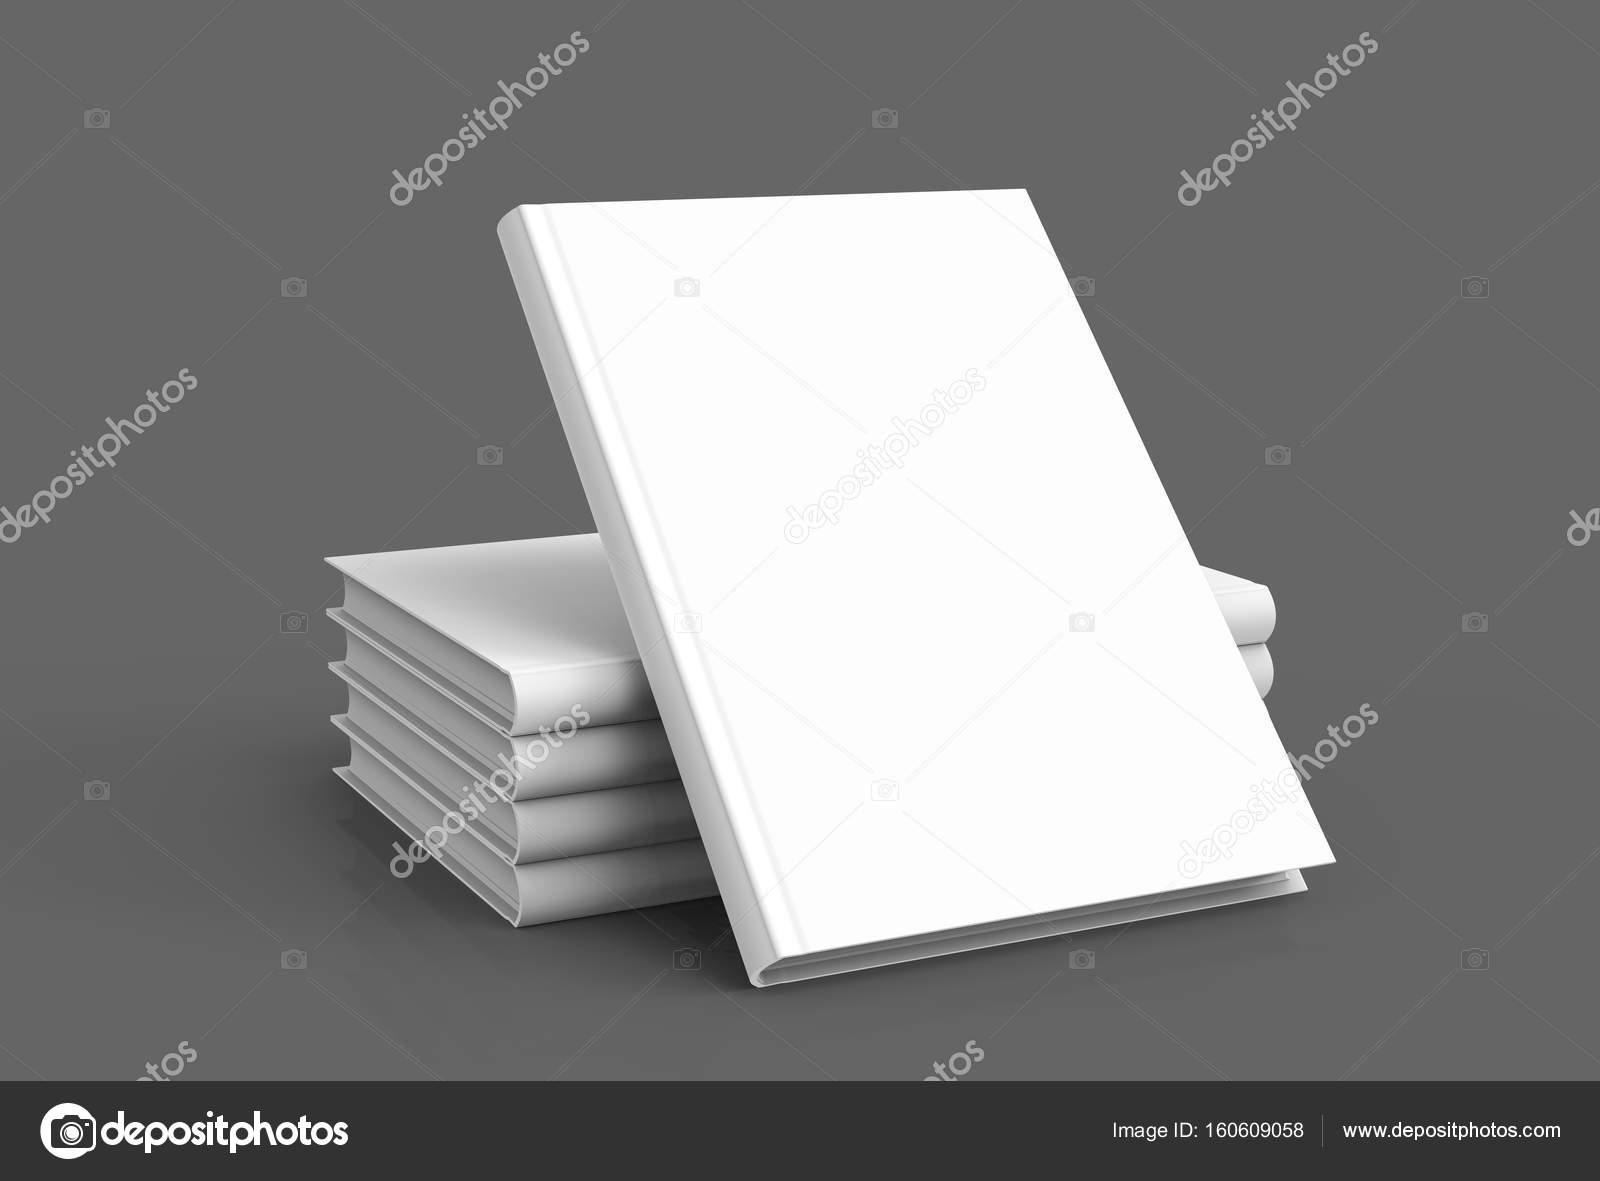 Hardcover-Bücher-Vorlage — Stockfoto © kchungtw #160609058